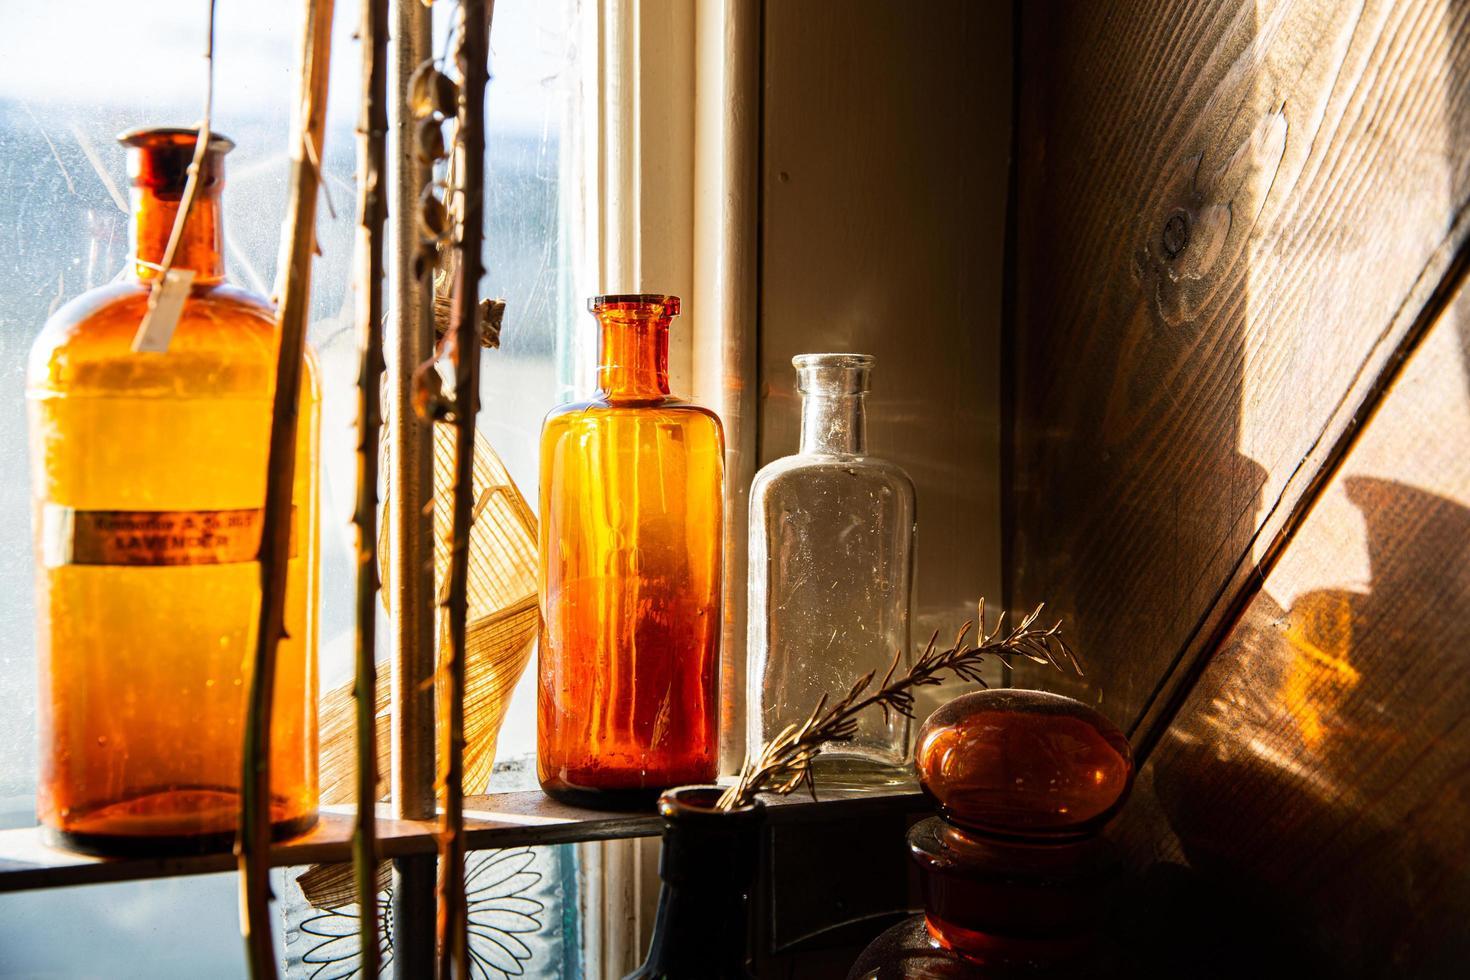 Glasflaschen auf einem Regal in der Nähe eines Fensters foto